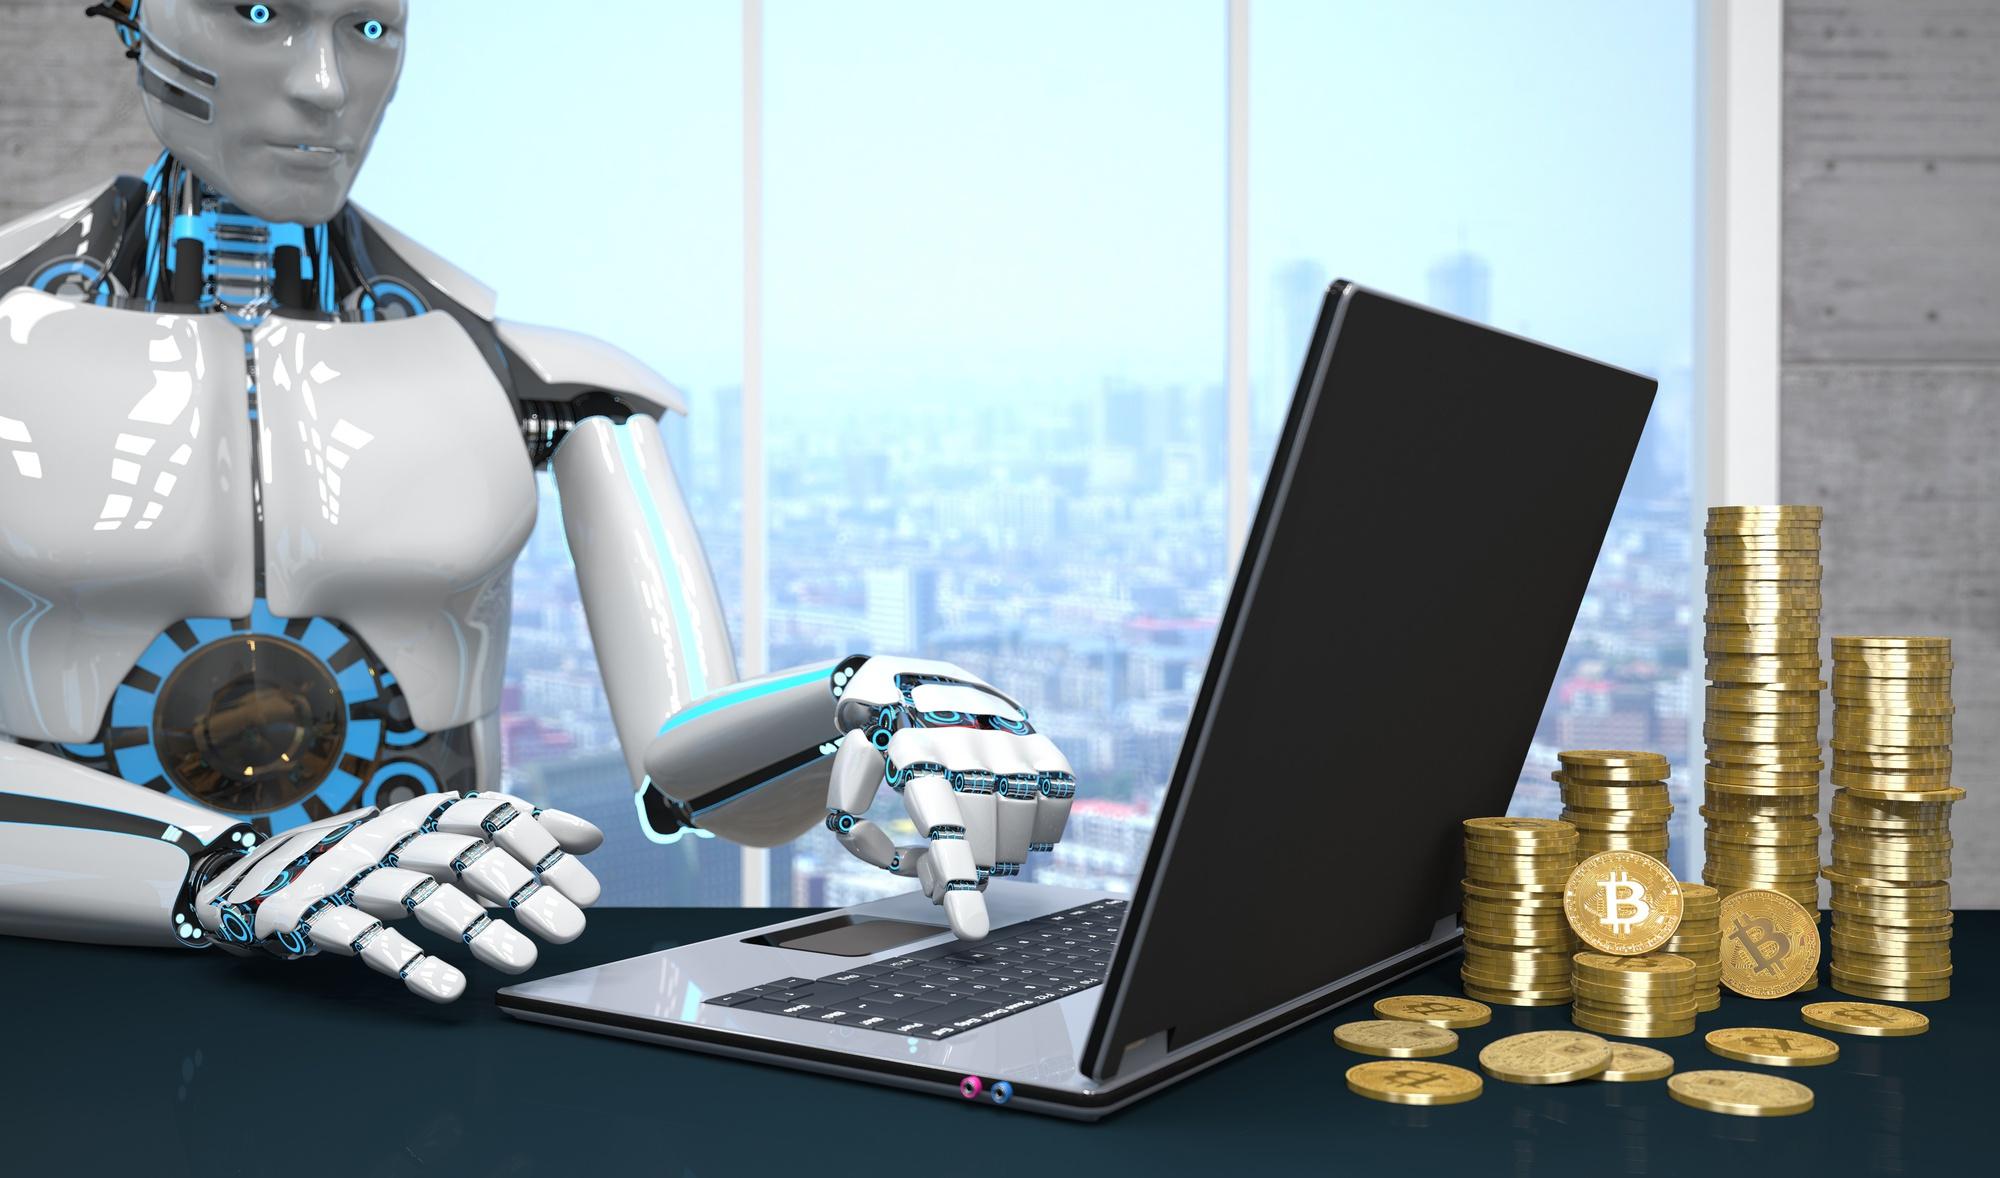 torgovye-boty-kak-avtomatizirovat-torgovlju-Bitcoin